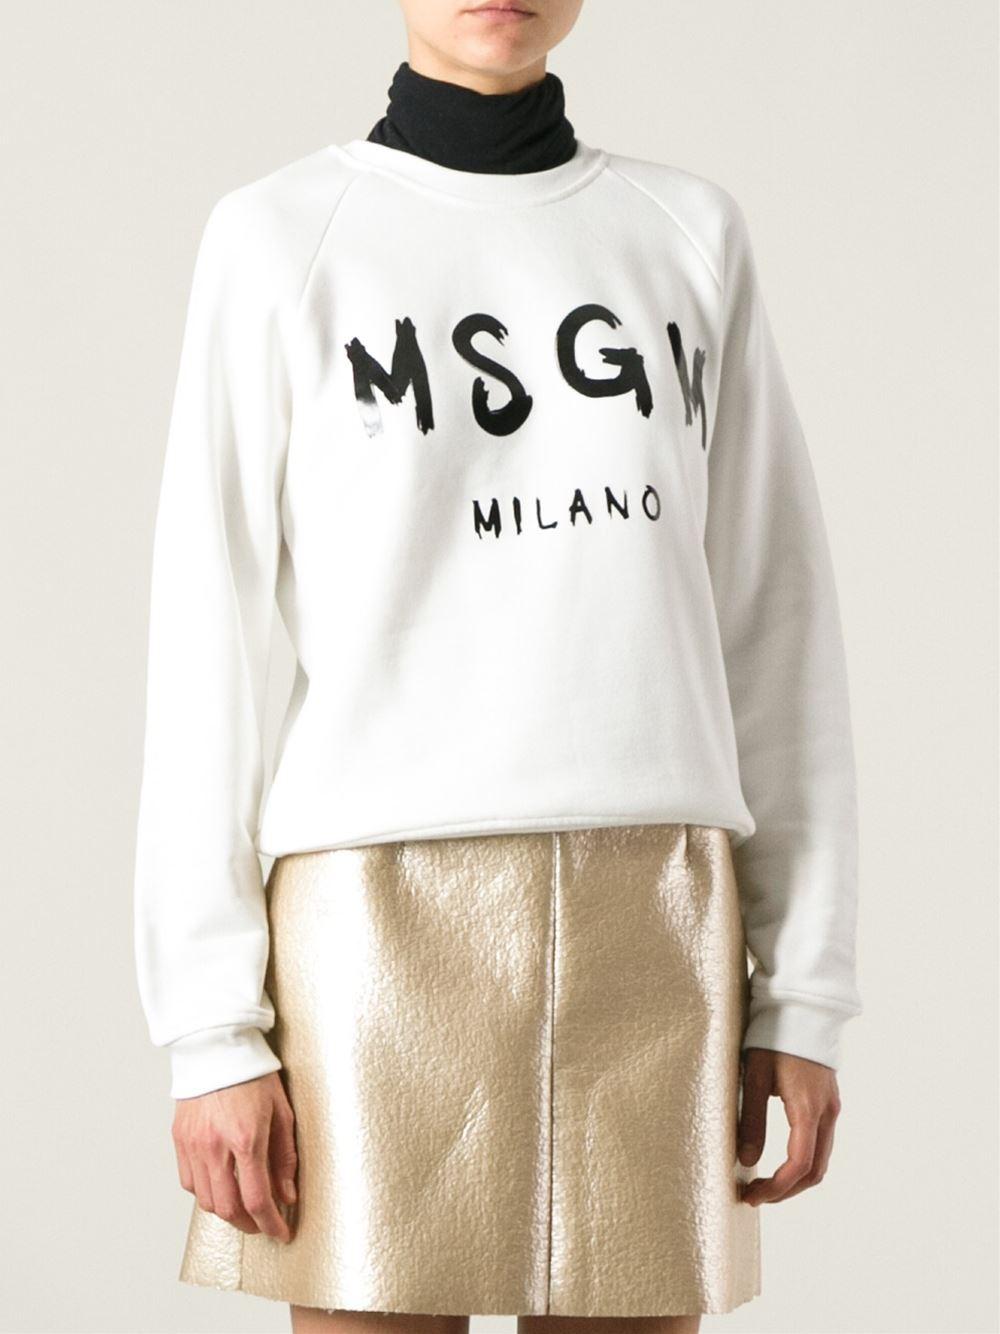 Msgm Printed logo sweatshirt Ylmzro